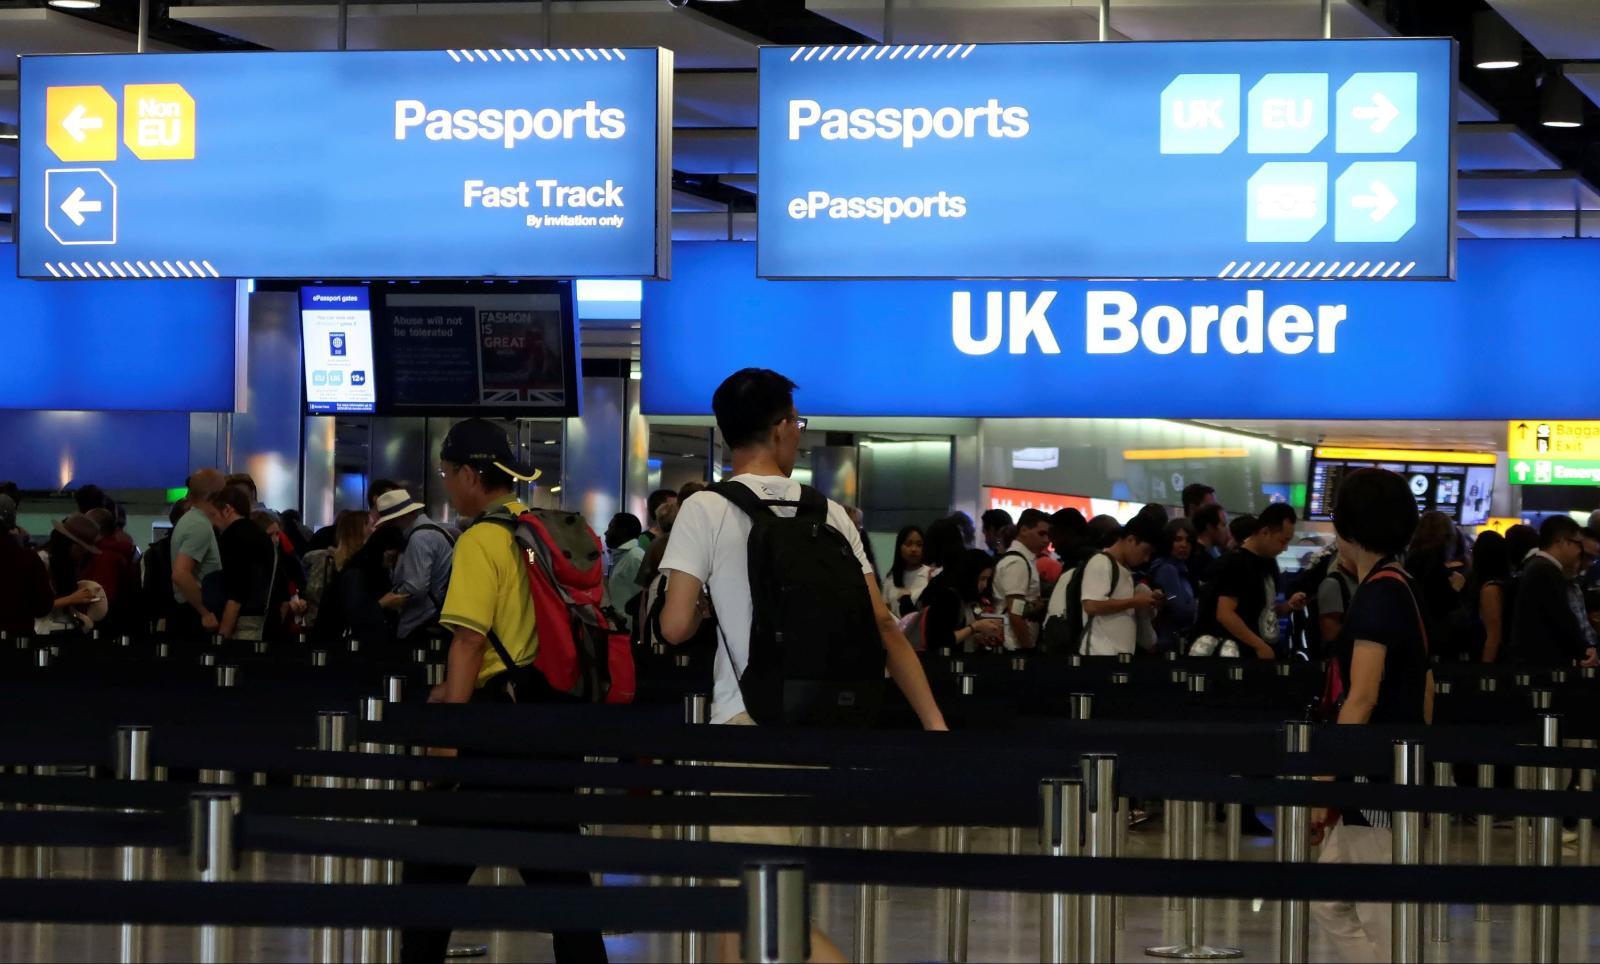 Uk border e-passport gates